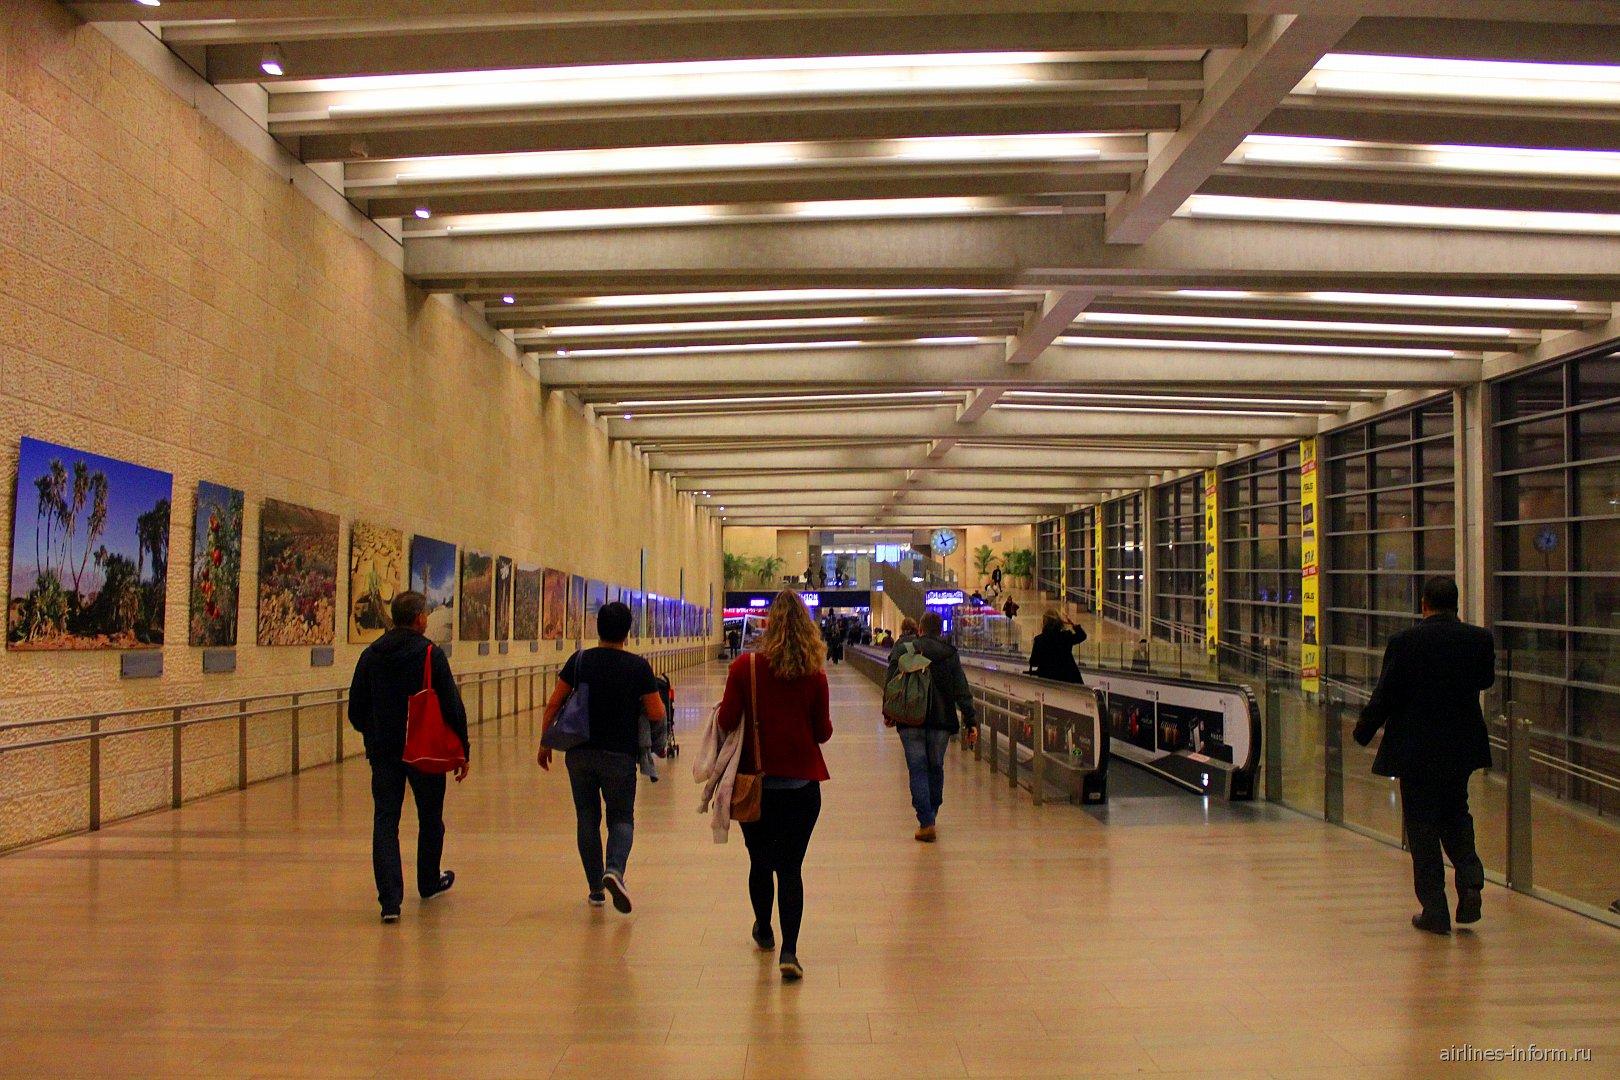 Переход после погранконтроля к чистой зоне в аэропорту Тель-Авив Бен Гурион